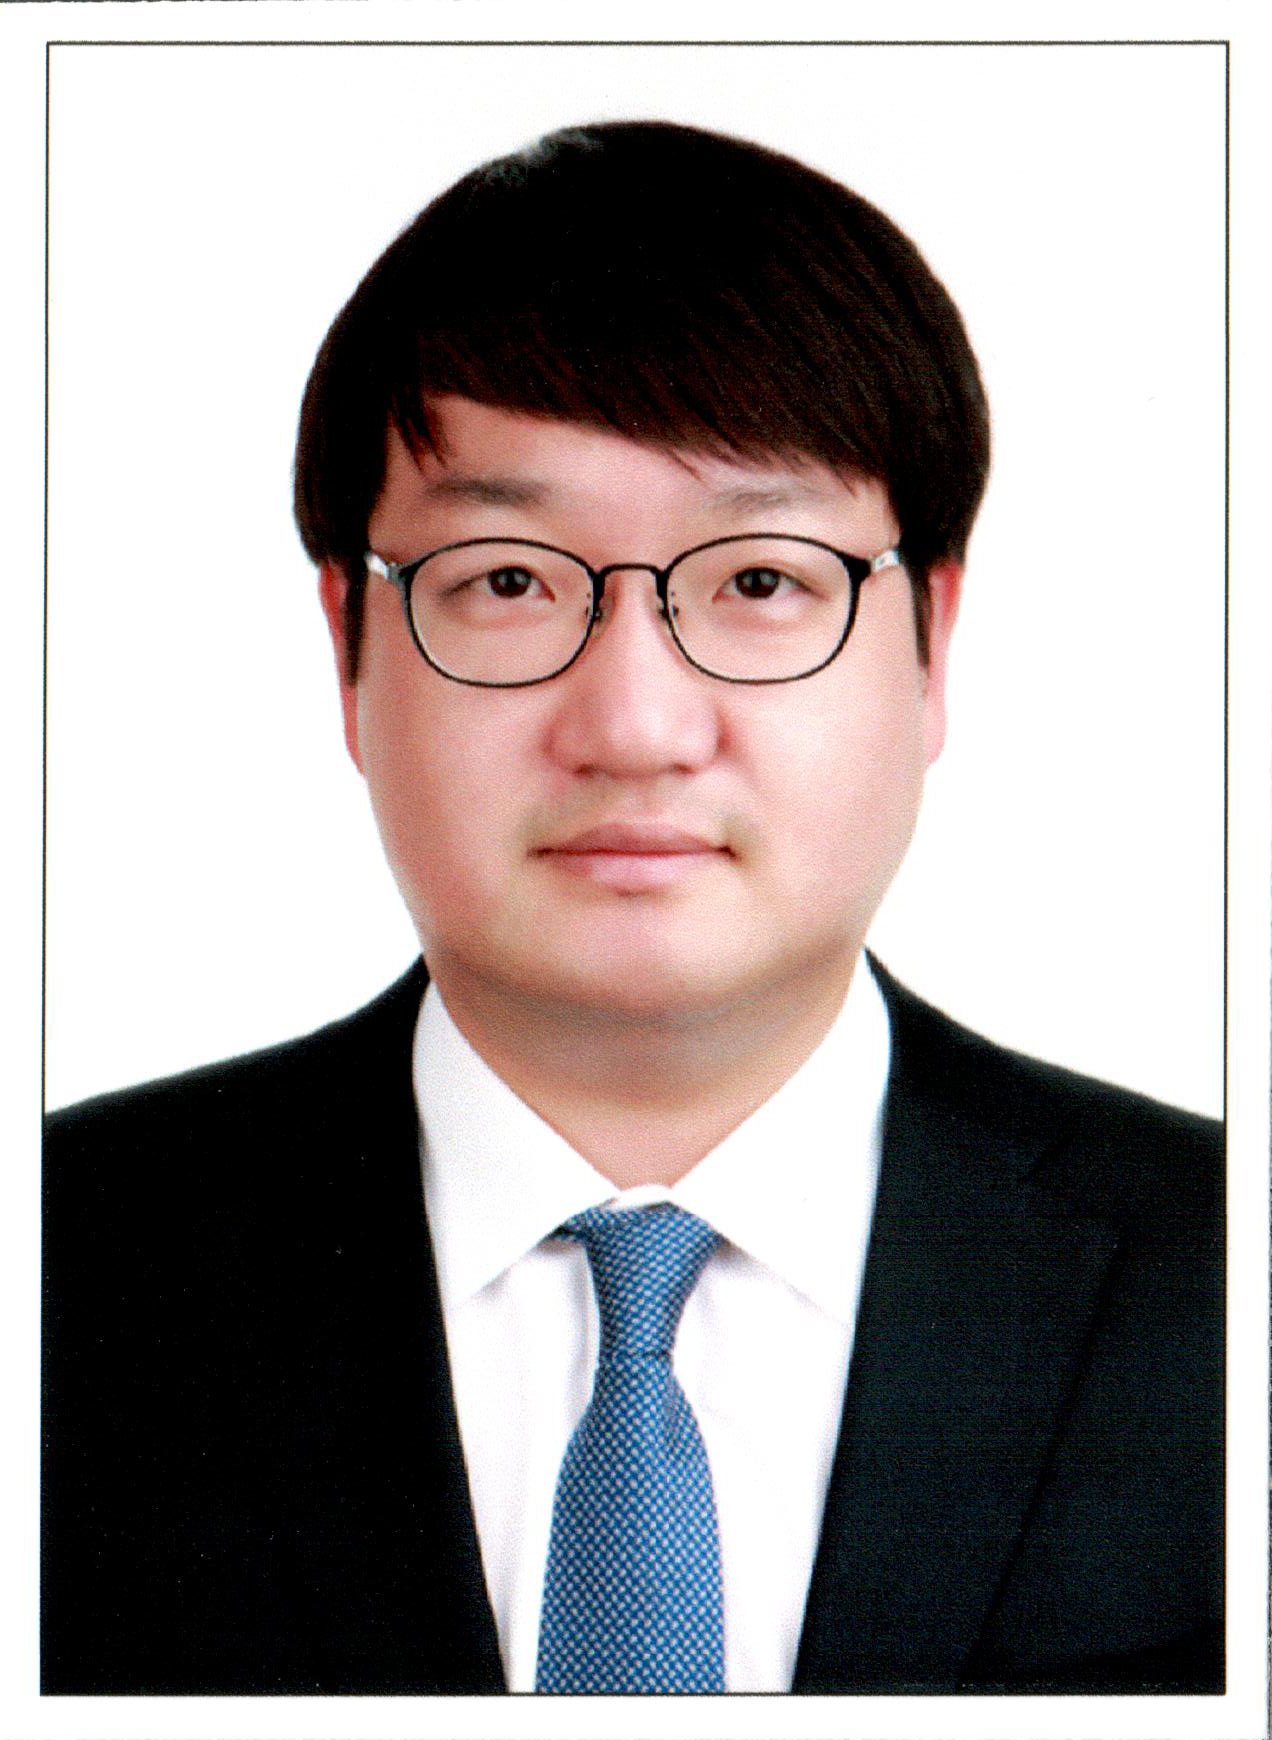 조현규 교수 사진